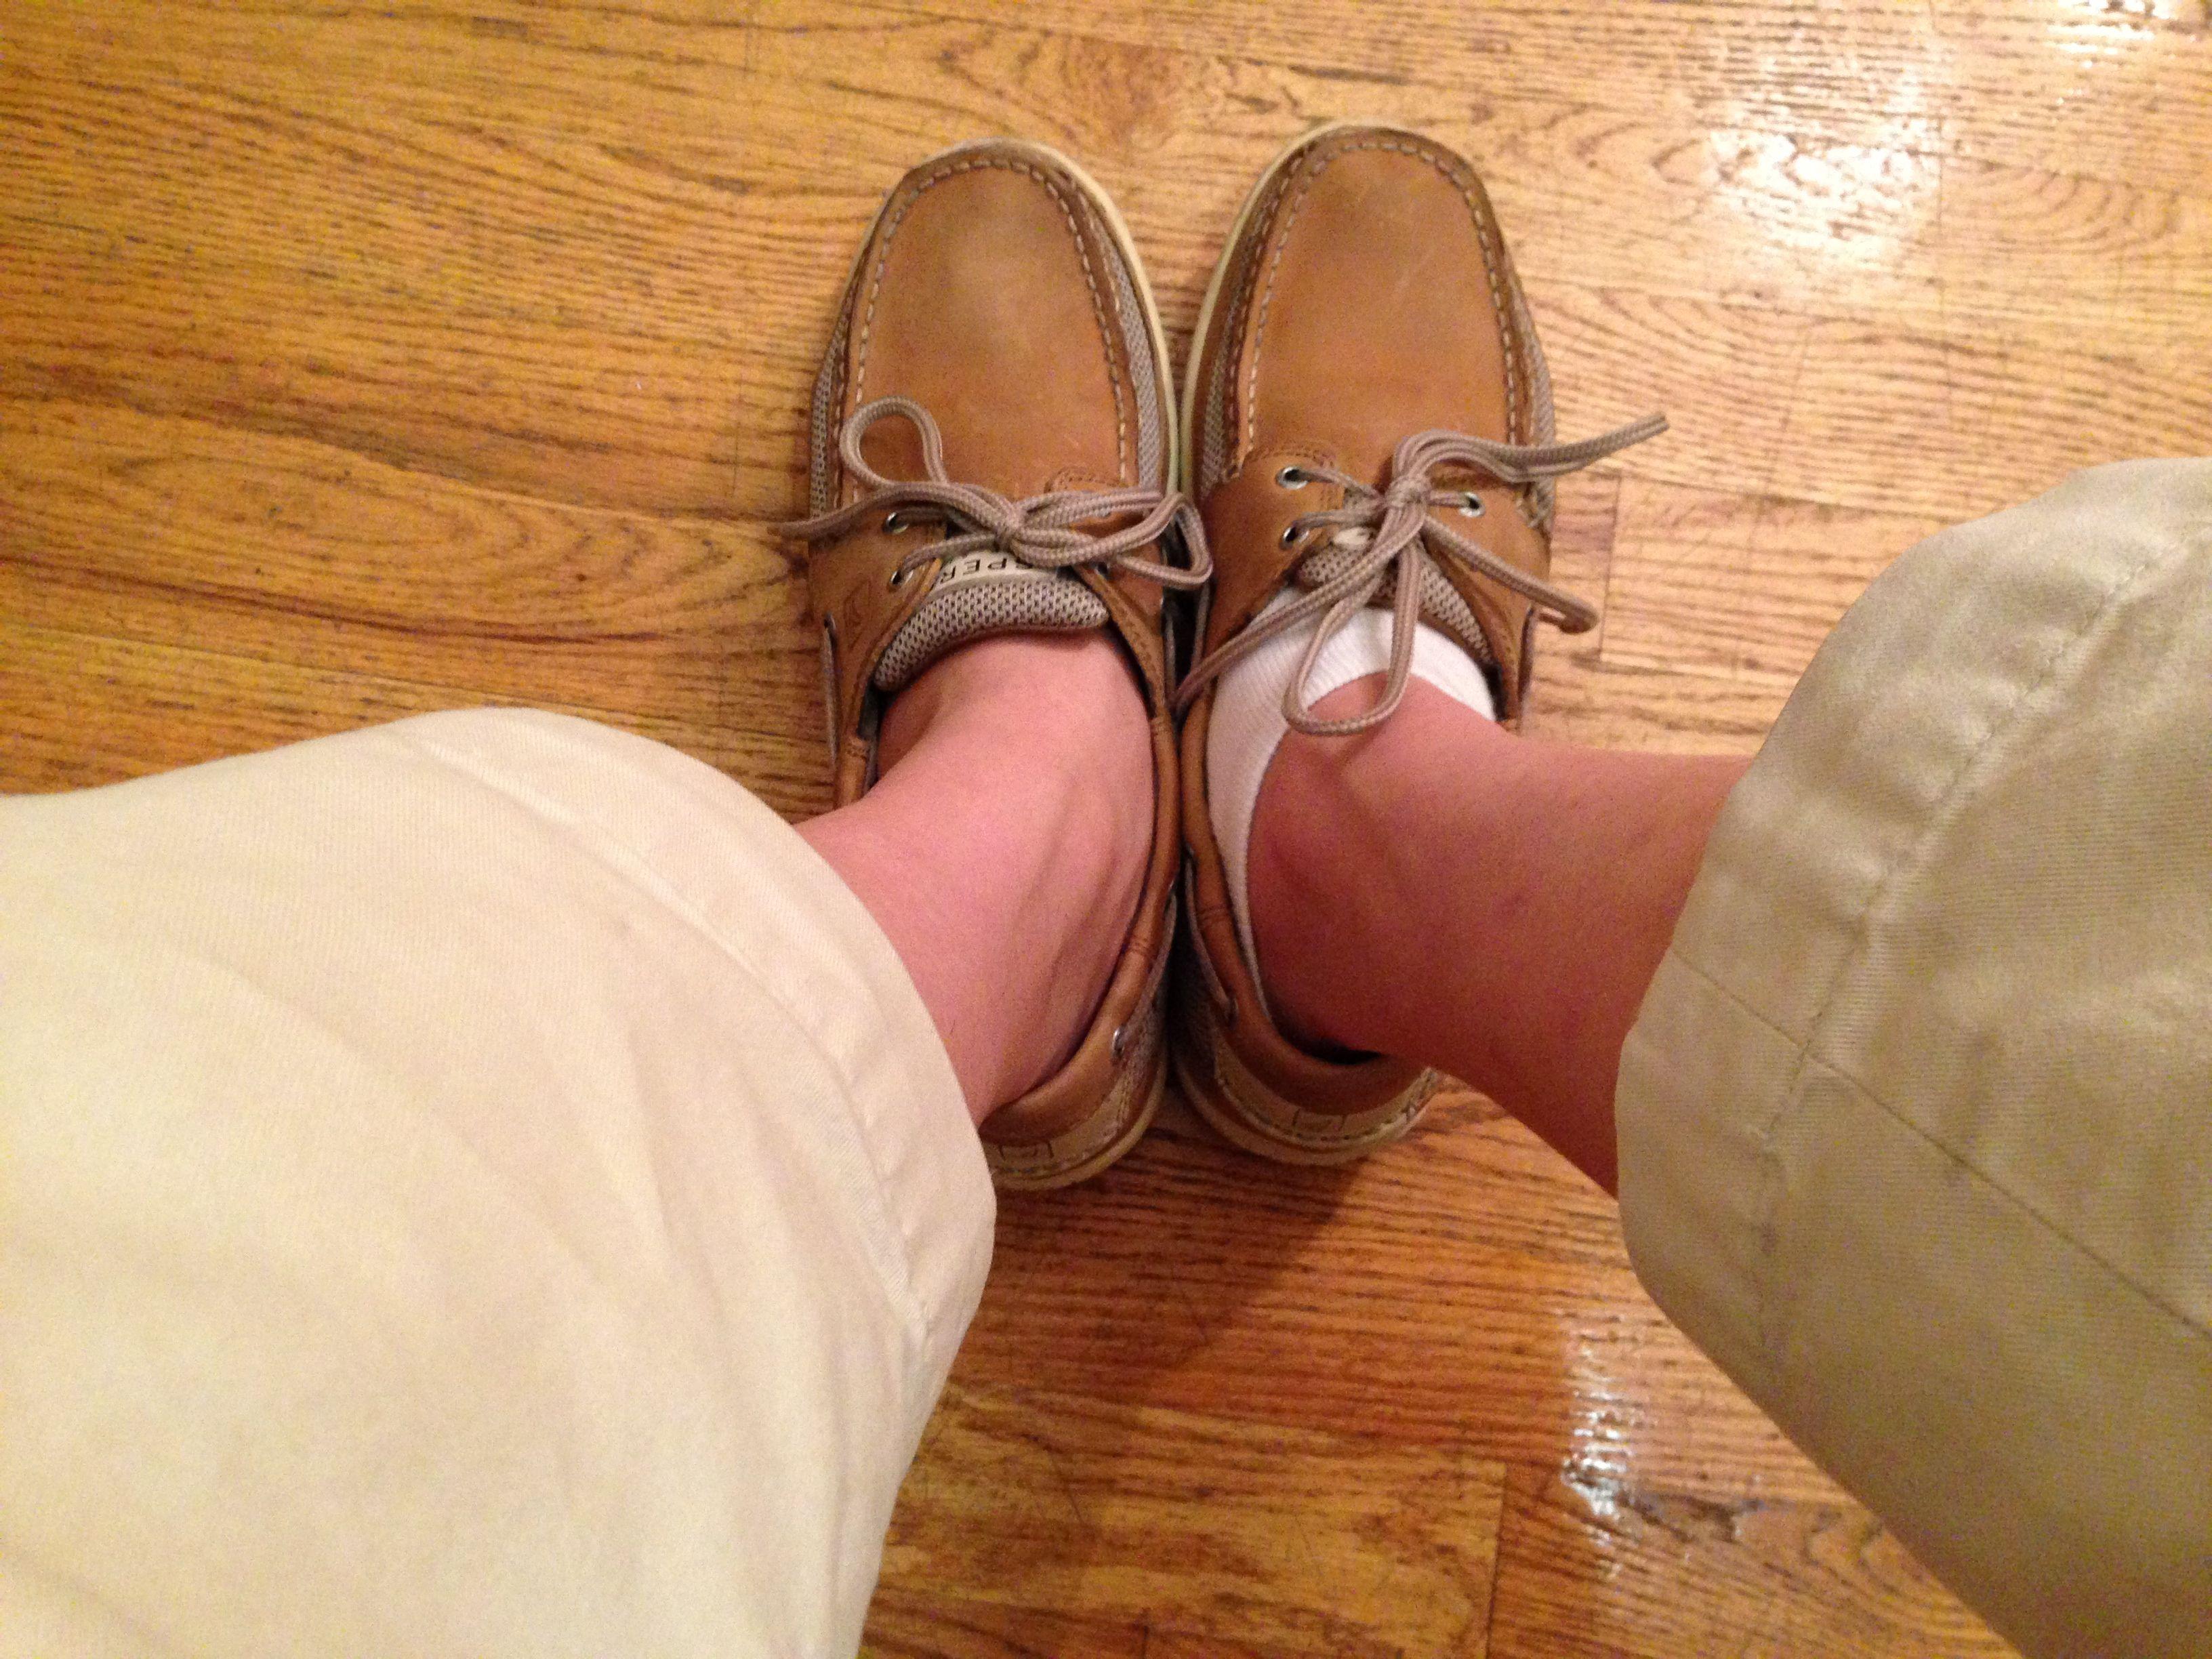 左脚是光脚的 右脚穿了船袜